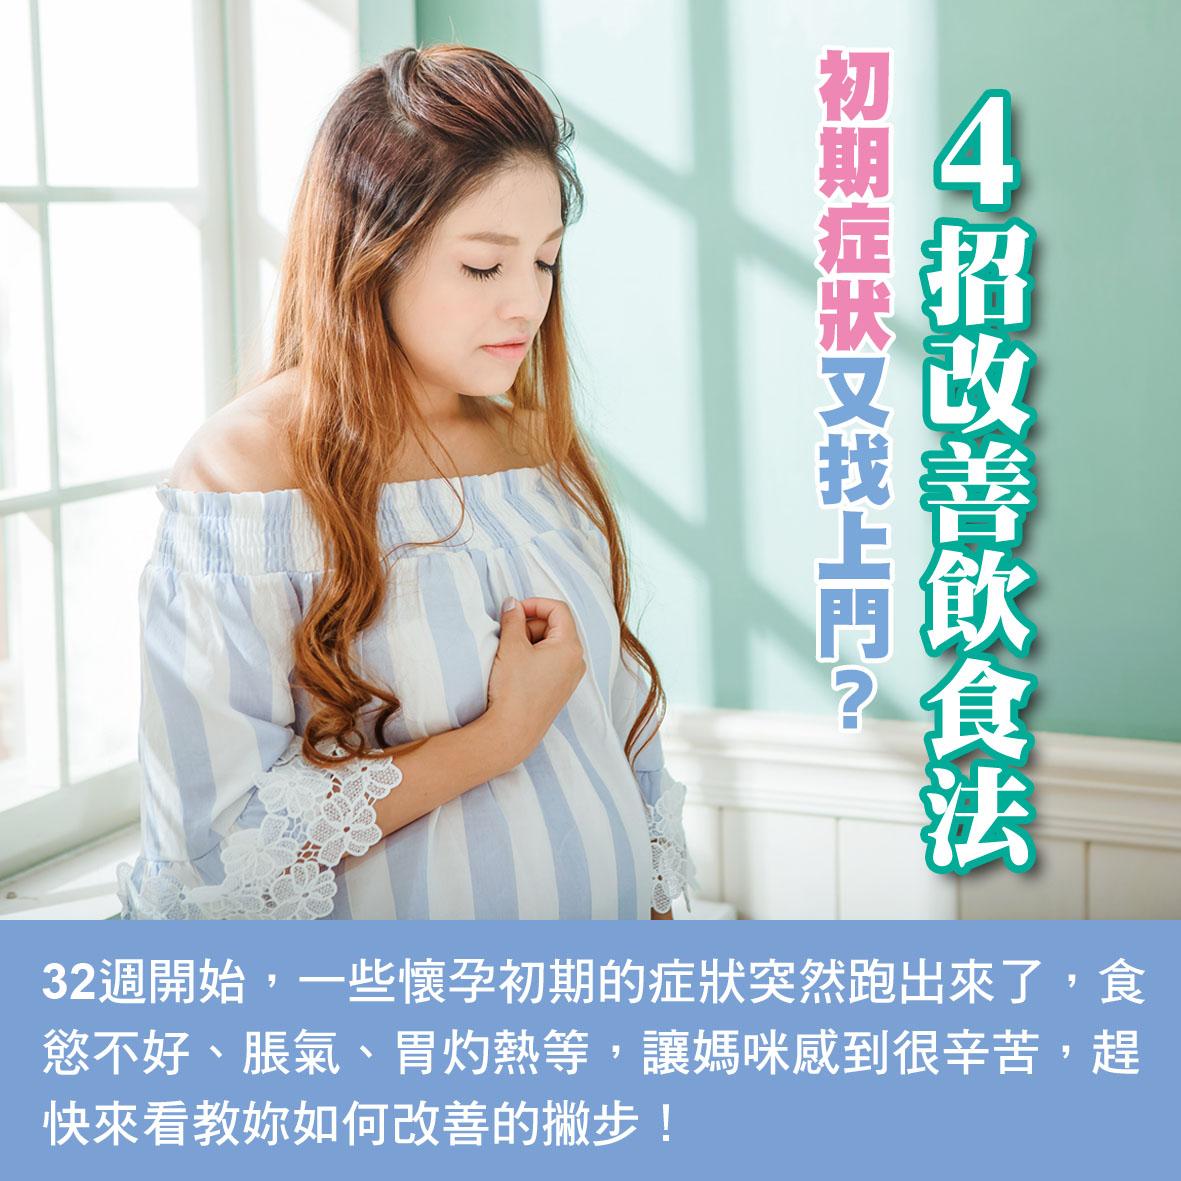 懷孕第32週-初期症狀又找上門?4招改善飲食法